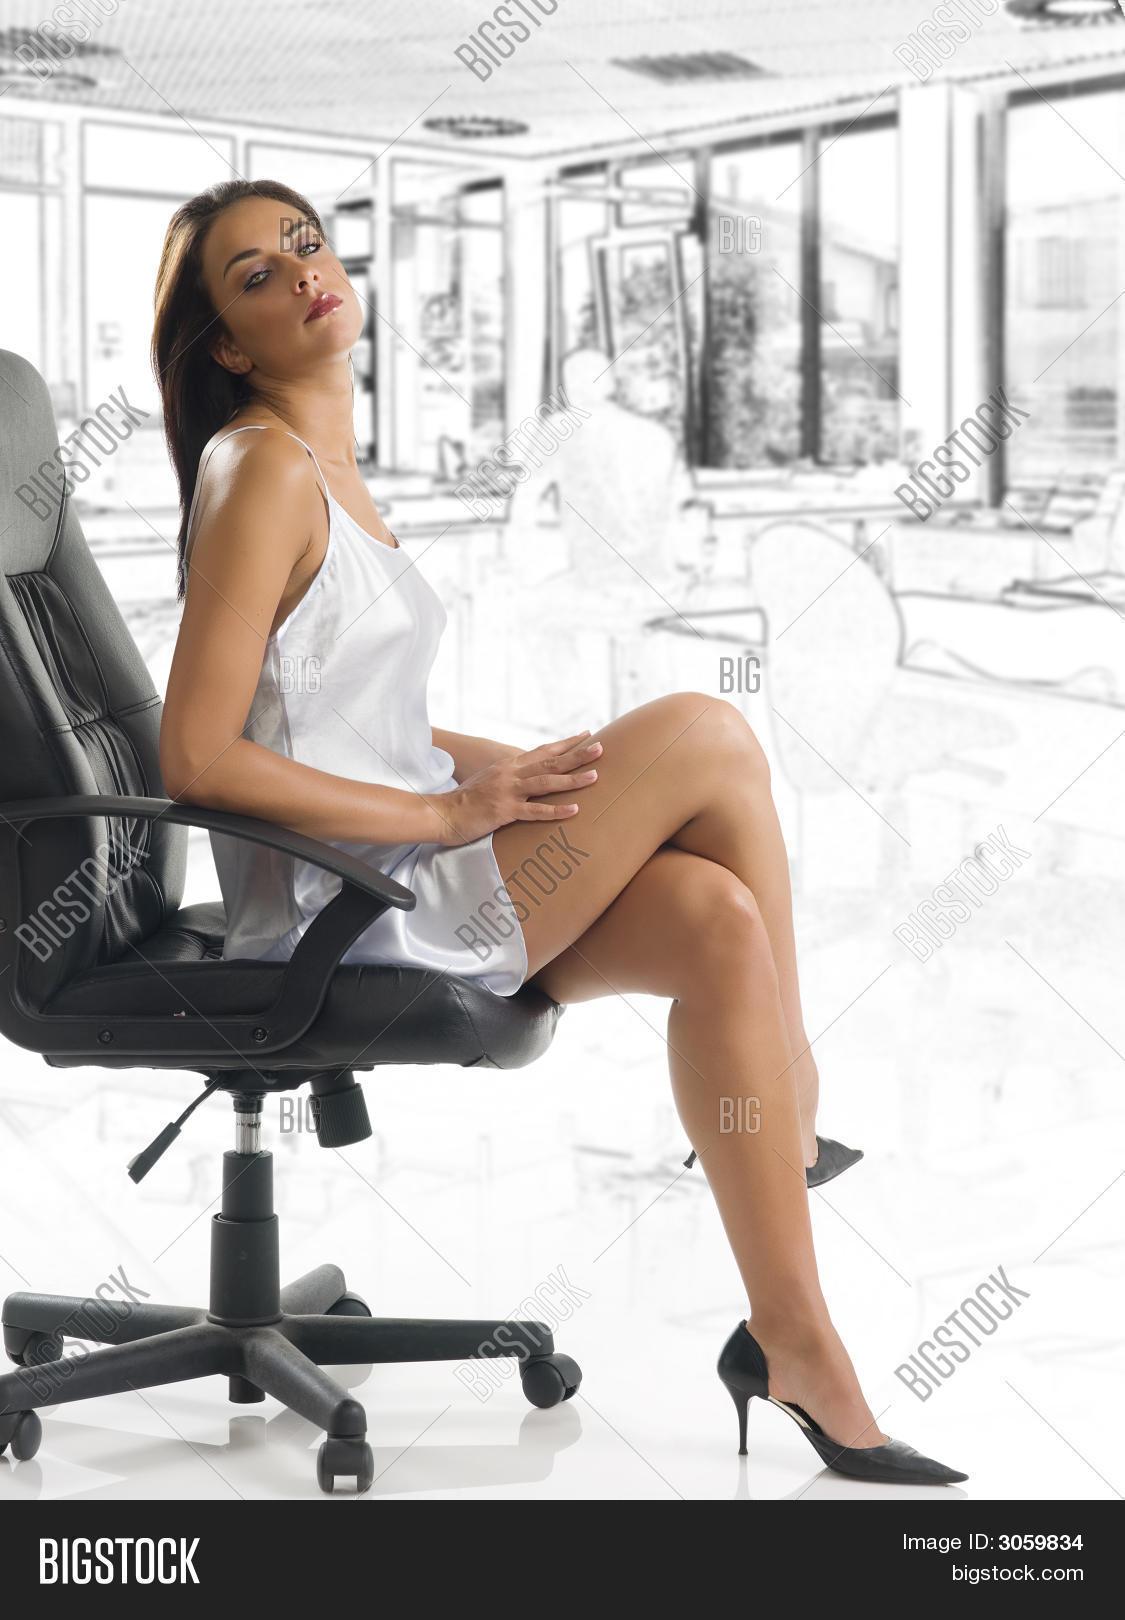 Офисные девушки и стриптизеры